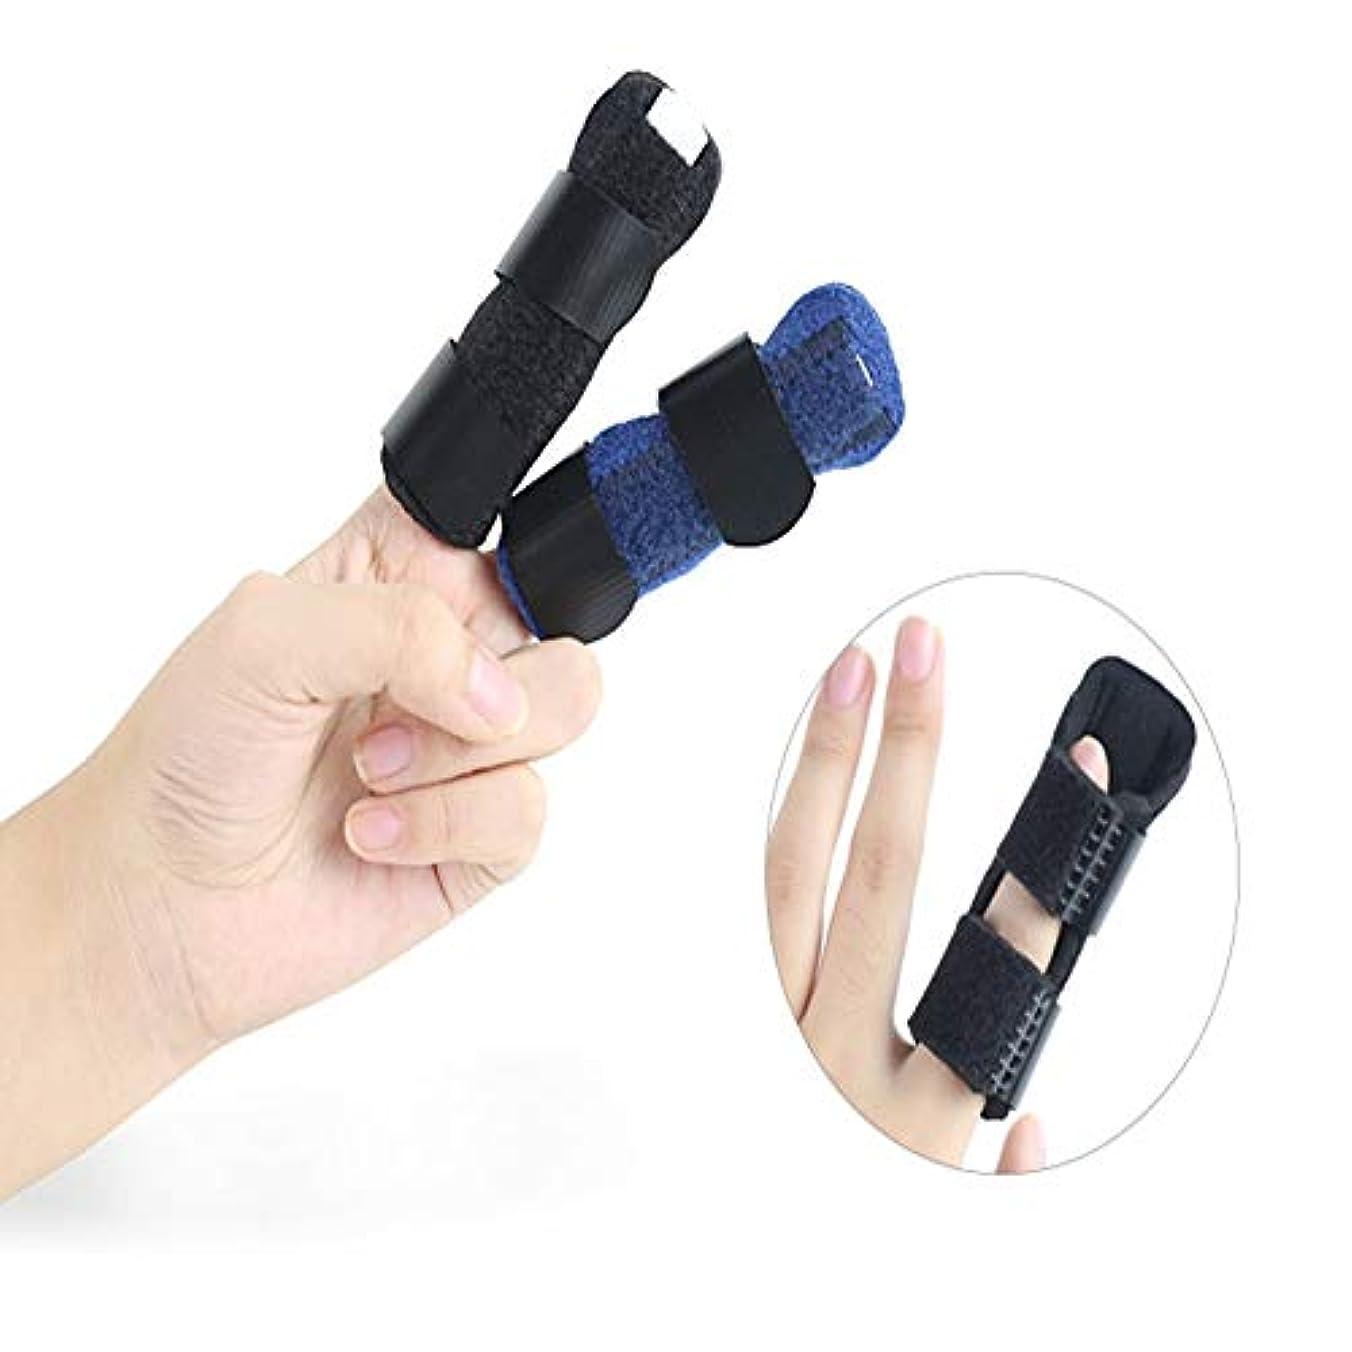 額不当不適切な湾曲した、調節可能なベルクロを矯正するためにスプリント、リバーシブル親指スタビライザー、サポートブレースを指 (Color : ブラック)